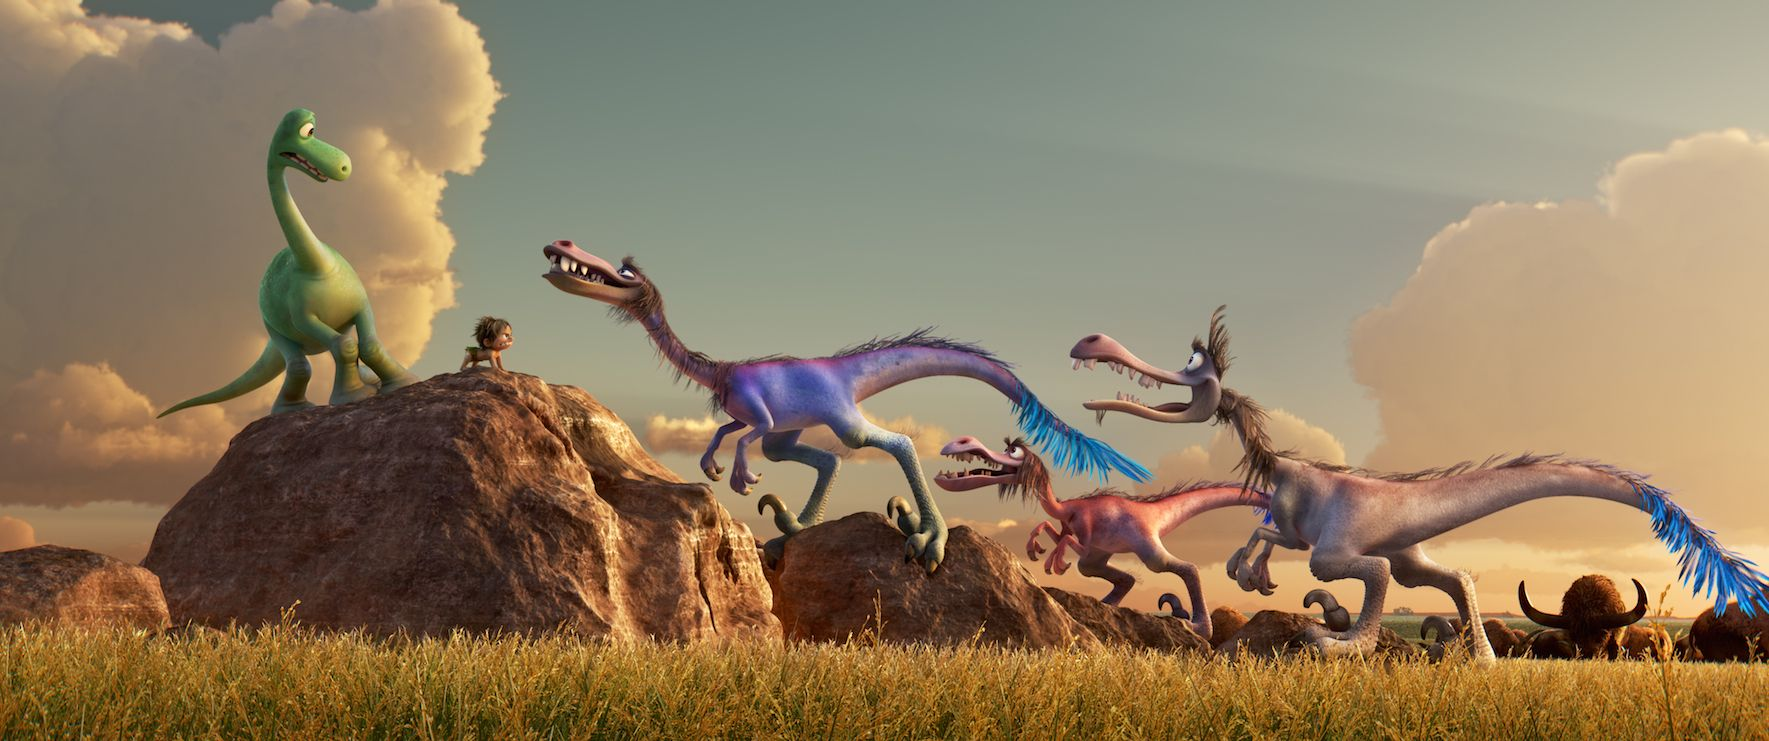 ผลการค้นหารูปภาพสำหรับ ผจญภัยไดโนเสาร์เพื่อนรัก เทราโนดอน